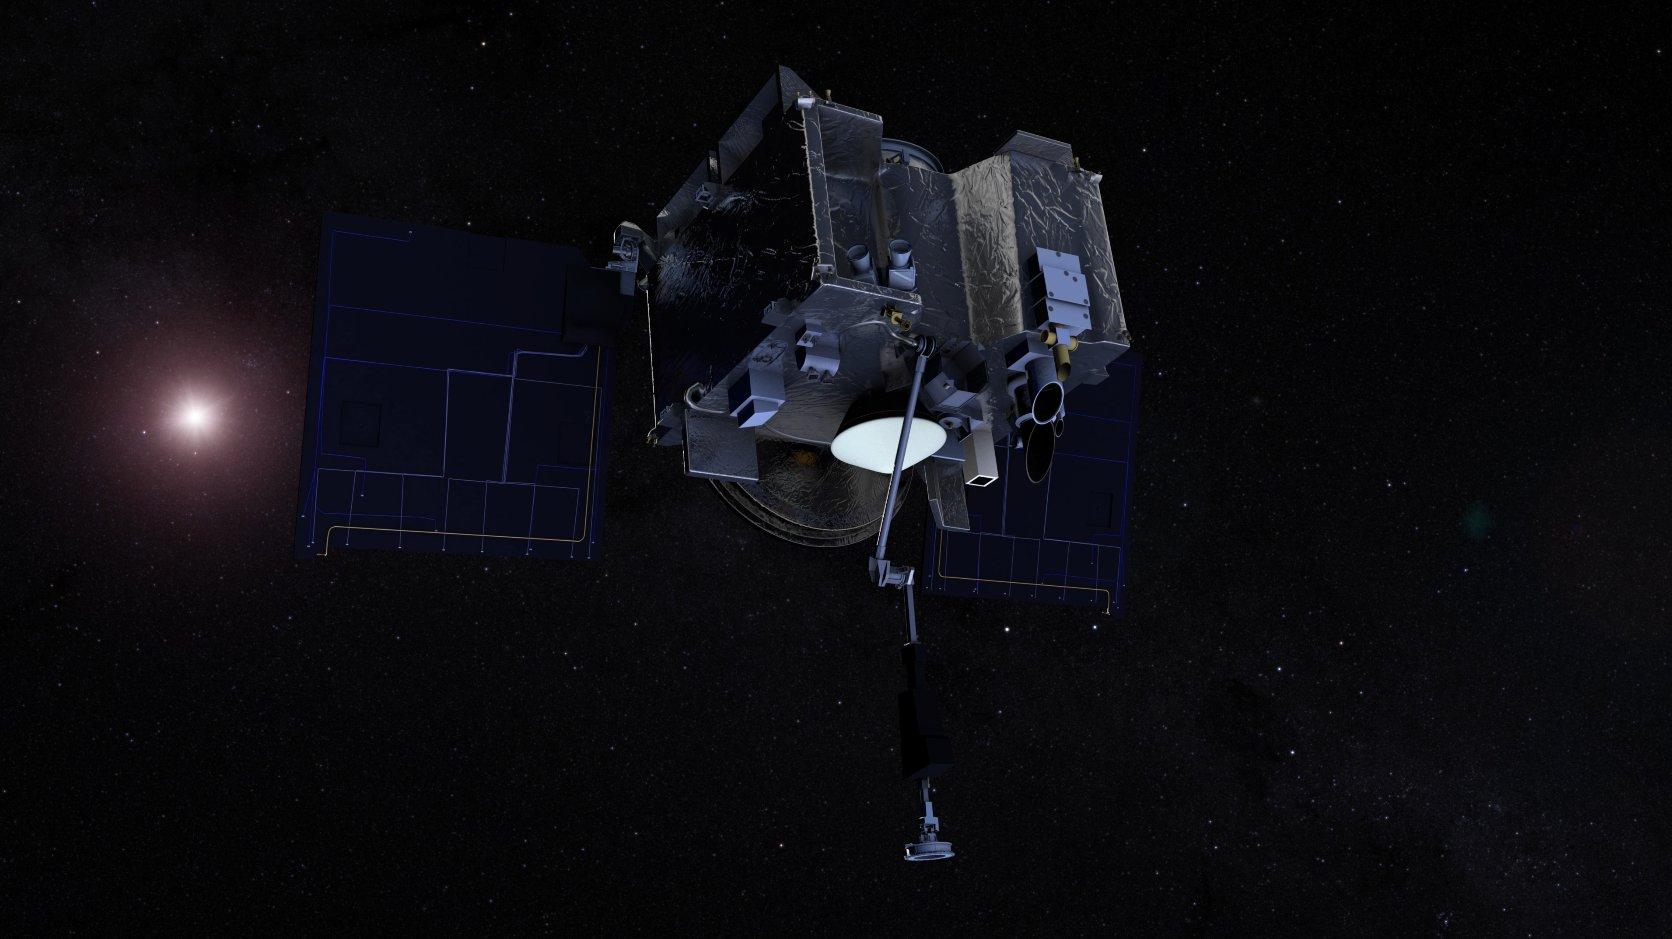 OSIRIS-REx - Mission autour de Bennu - Page 6 11524